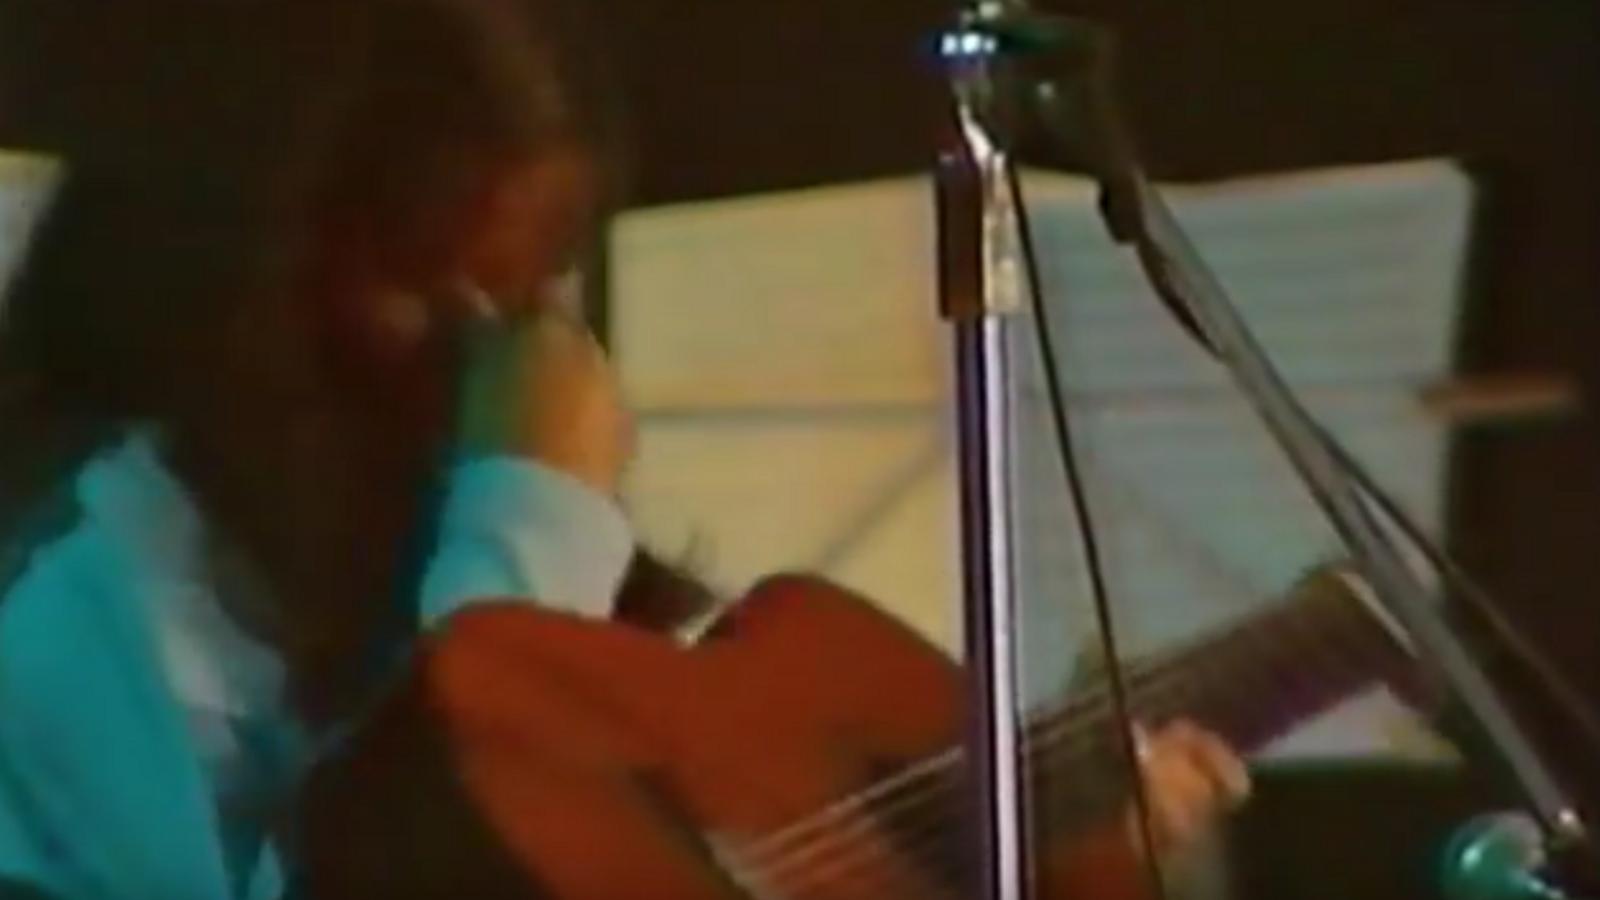 Llach interpreta 'Laura', al concert del Camp Nou del 1985